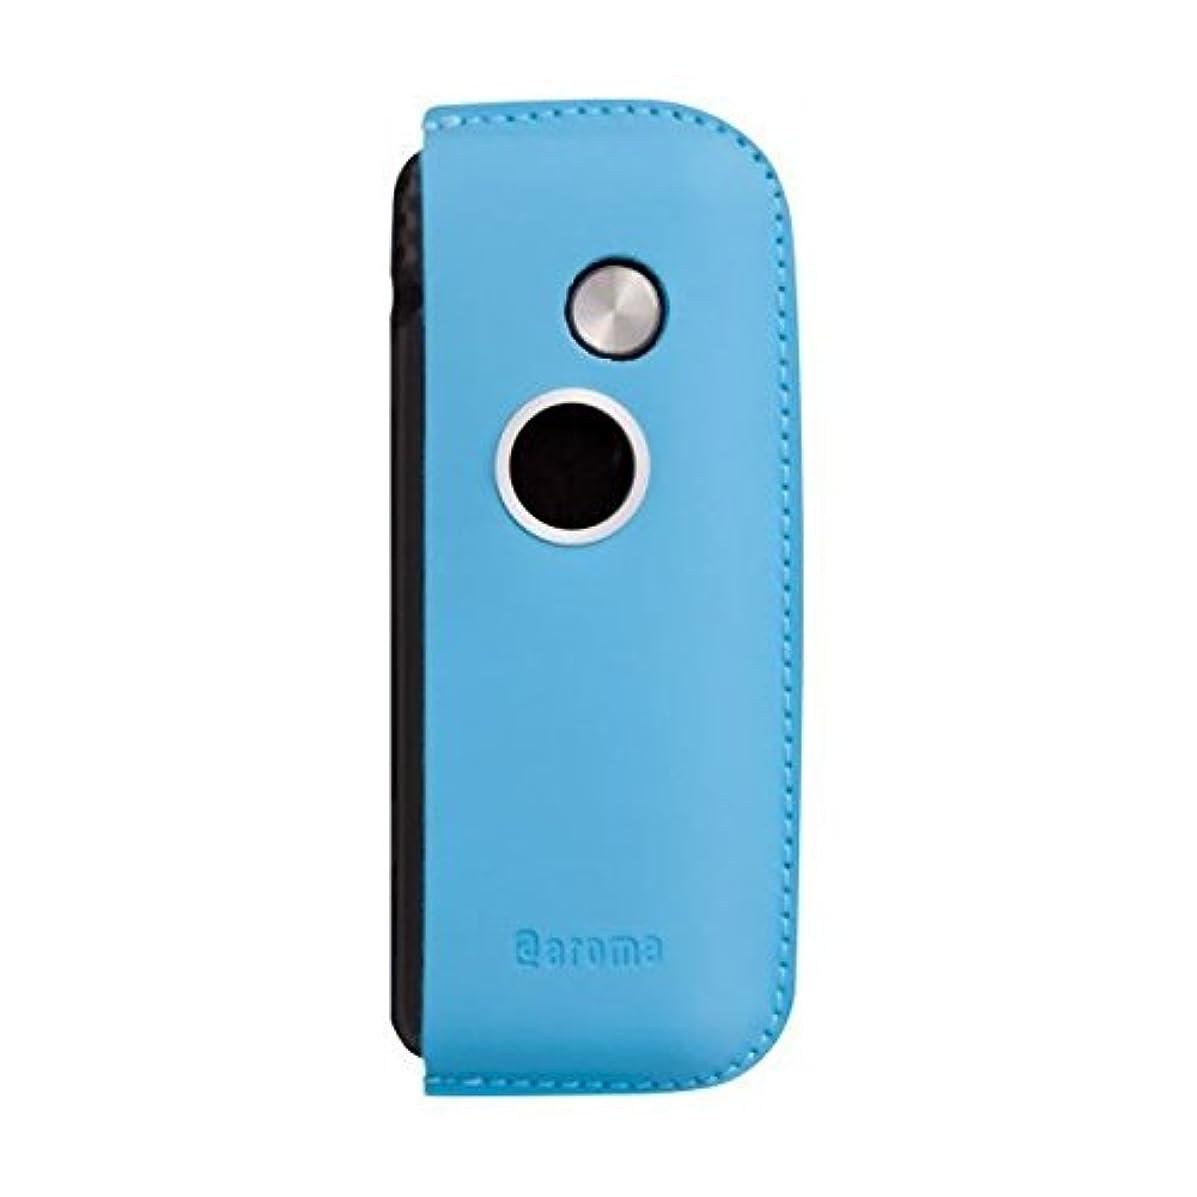 かもめ妻ことわざファンファン(ブルー)&人気のアロマset【モバイルディフューザー funfan+AromaOil】mobile diffuser (Sunshine)